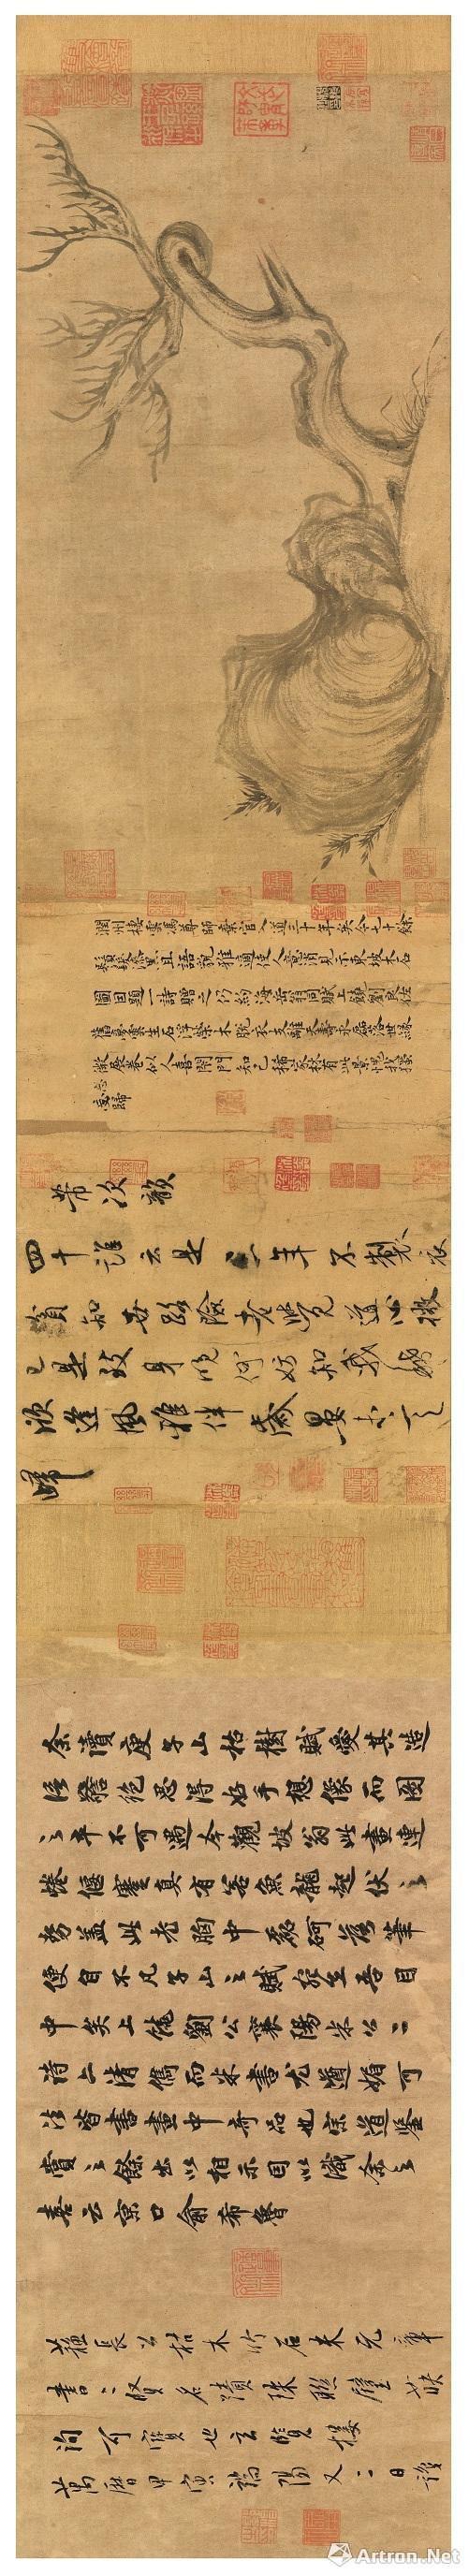 2018年中国书画最高价:宋 苏轼 《木石图》 4.636亿港币佳士得香港拍卖